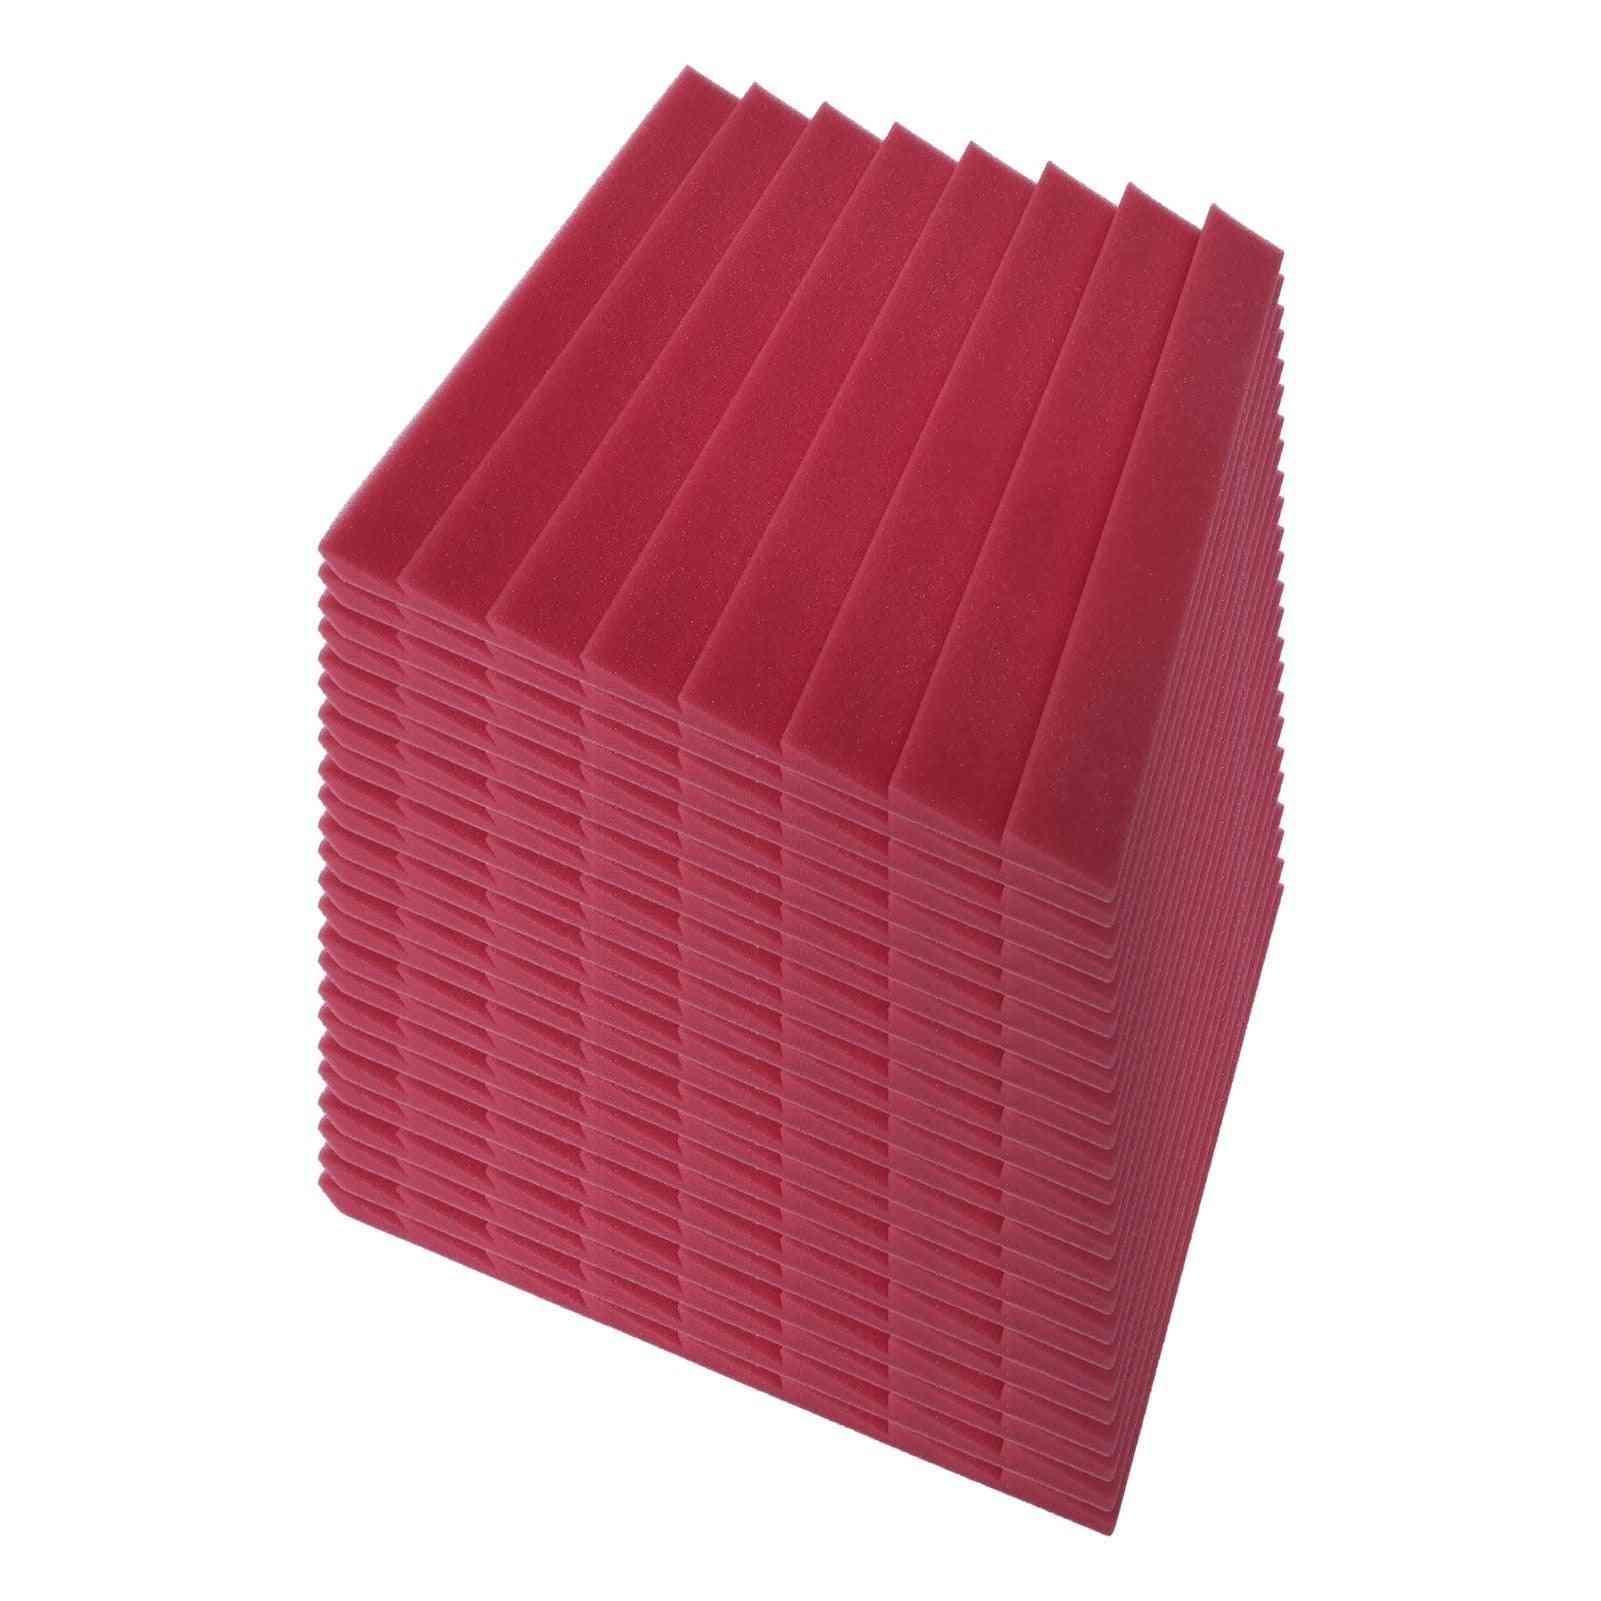 Studio Acoustic Foams Panels Insulation Soundproof Absorbing Foam Wall